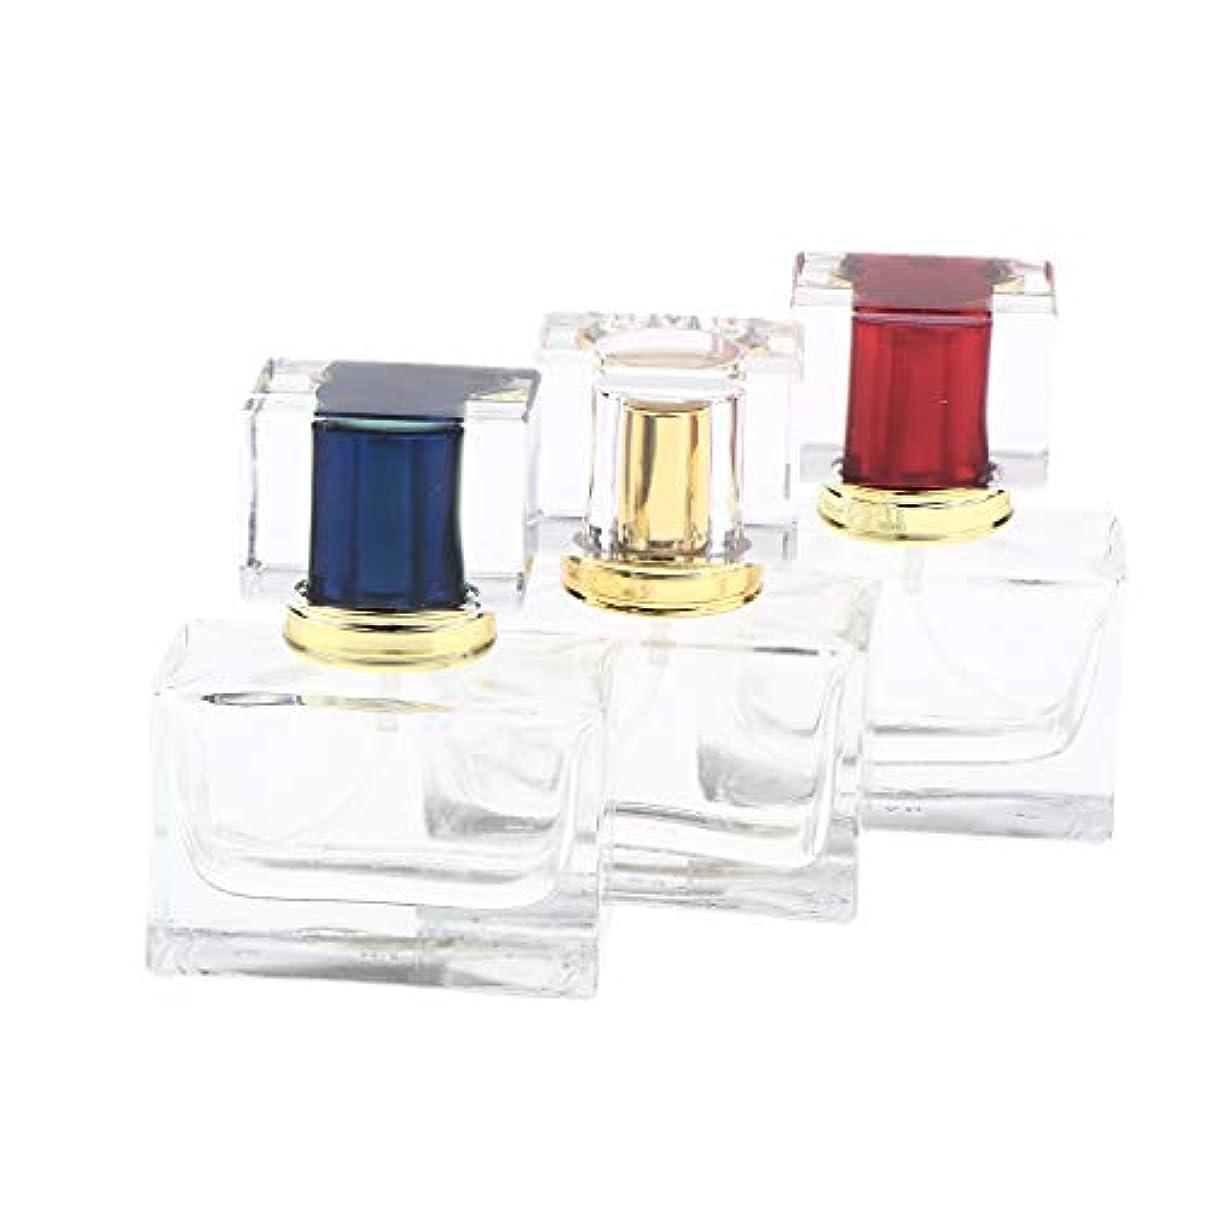 命令まぶしさ社会主義者香水アトマイザー スプレーボトル 詰め替え容器 香水瓶 小型 旅行 持ち運び ロック可能 30ML